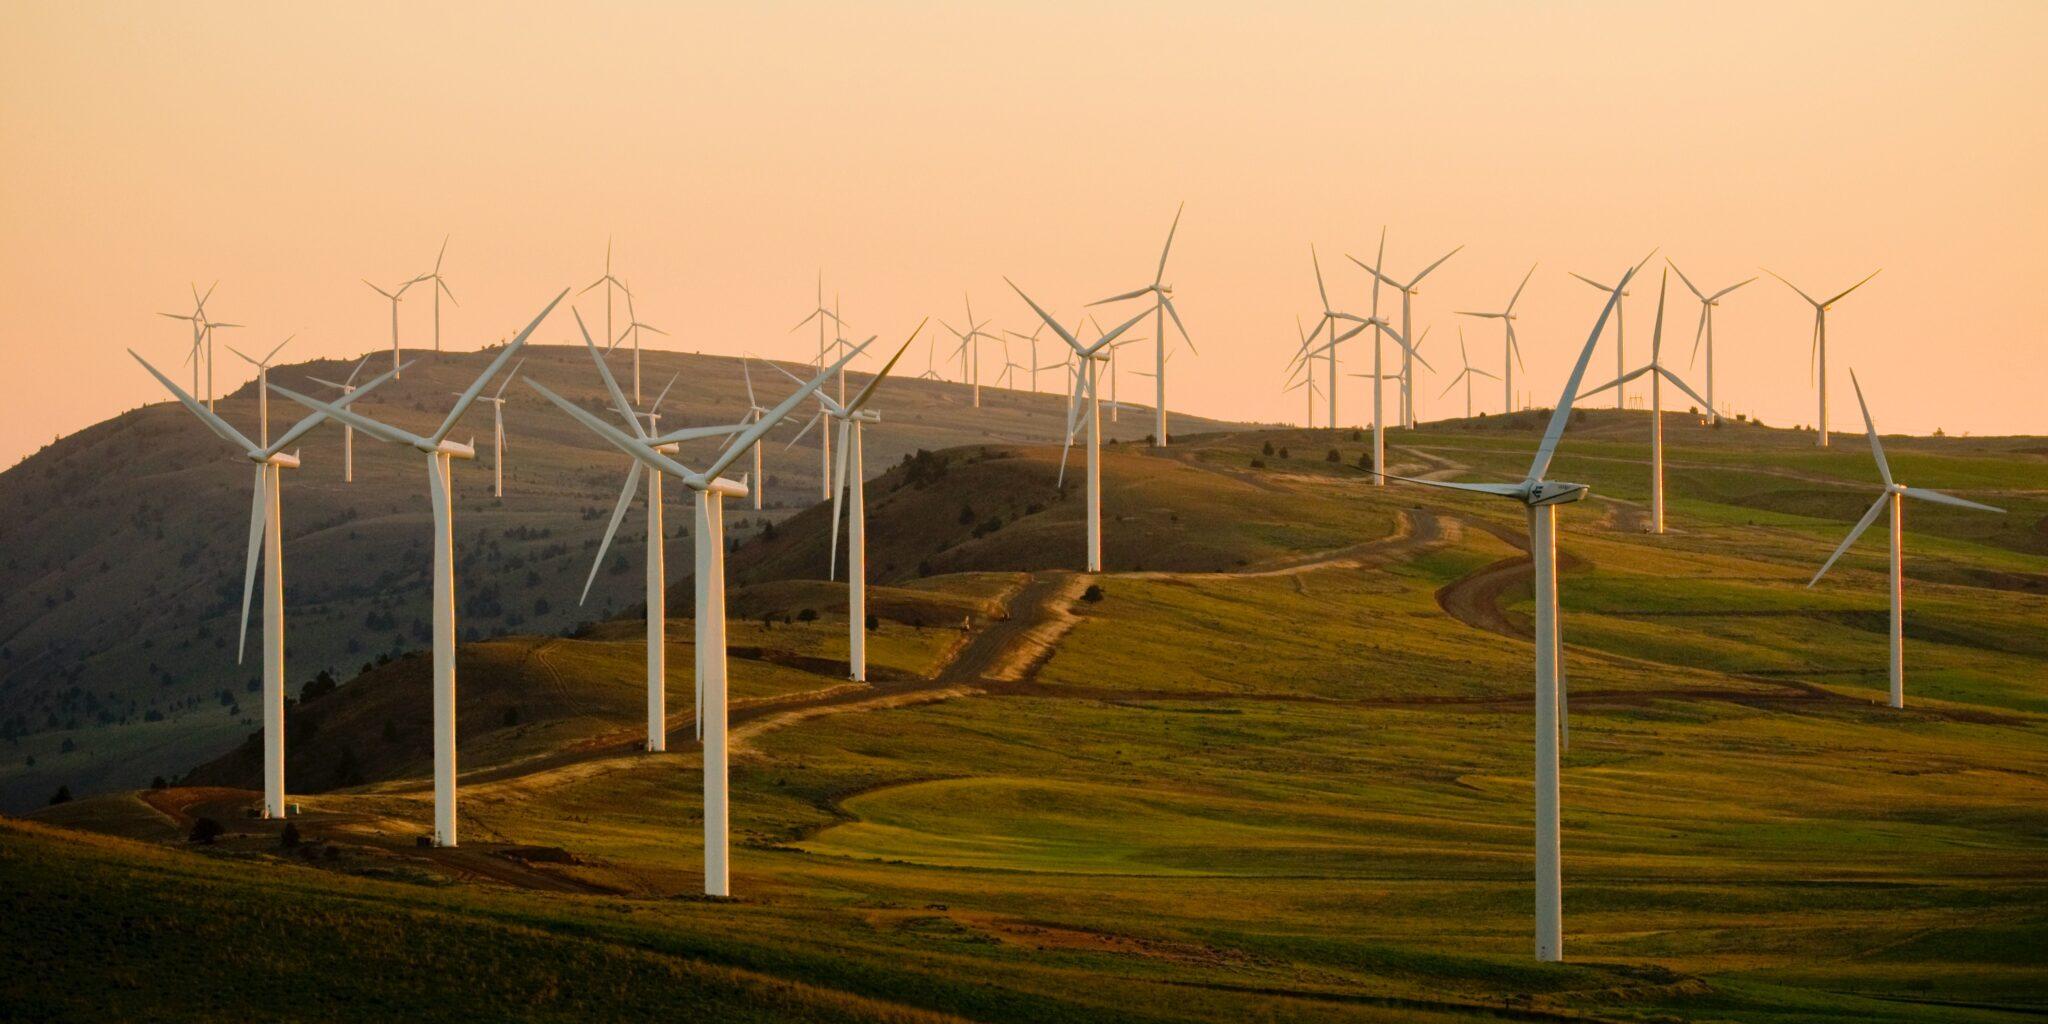 Políticas ambientais: até 2030 e mais além